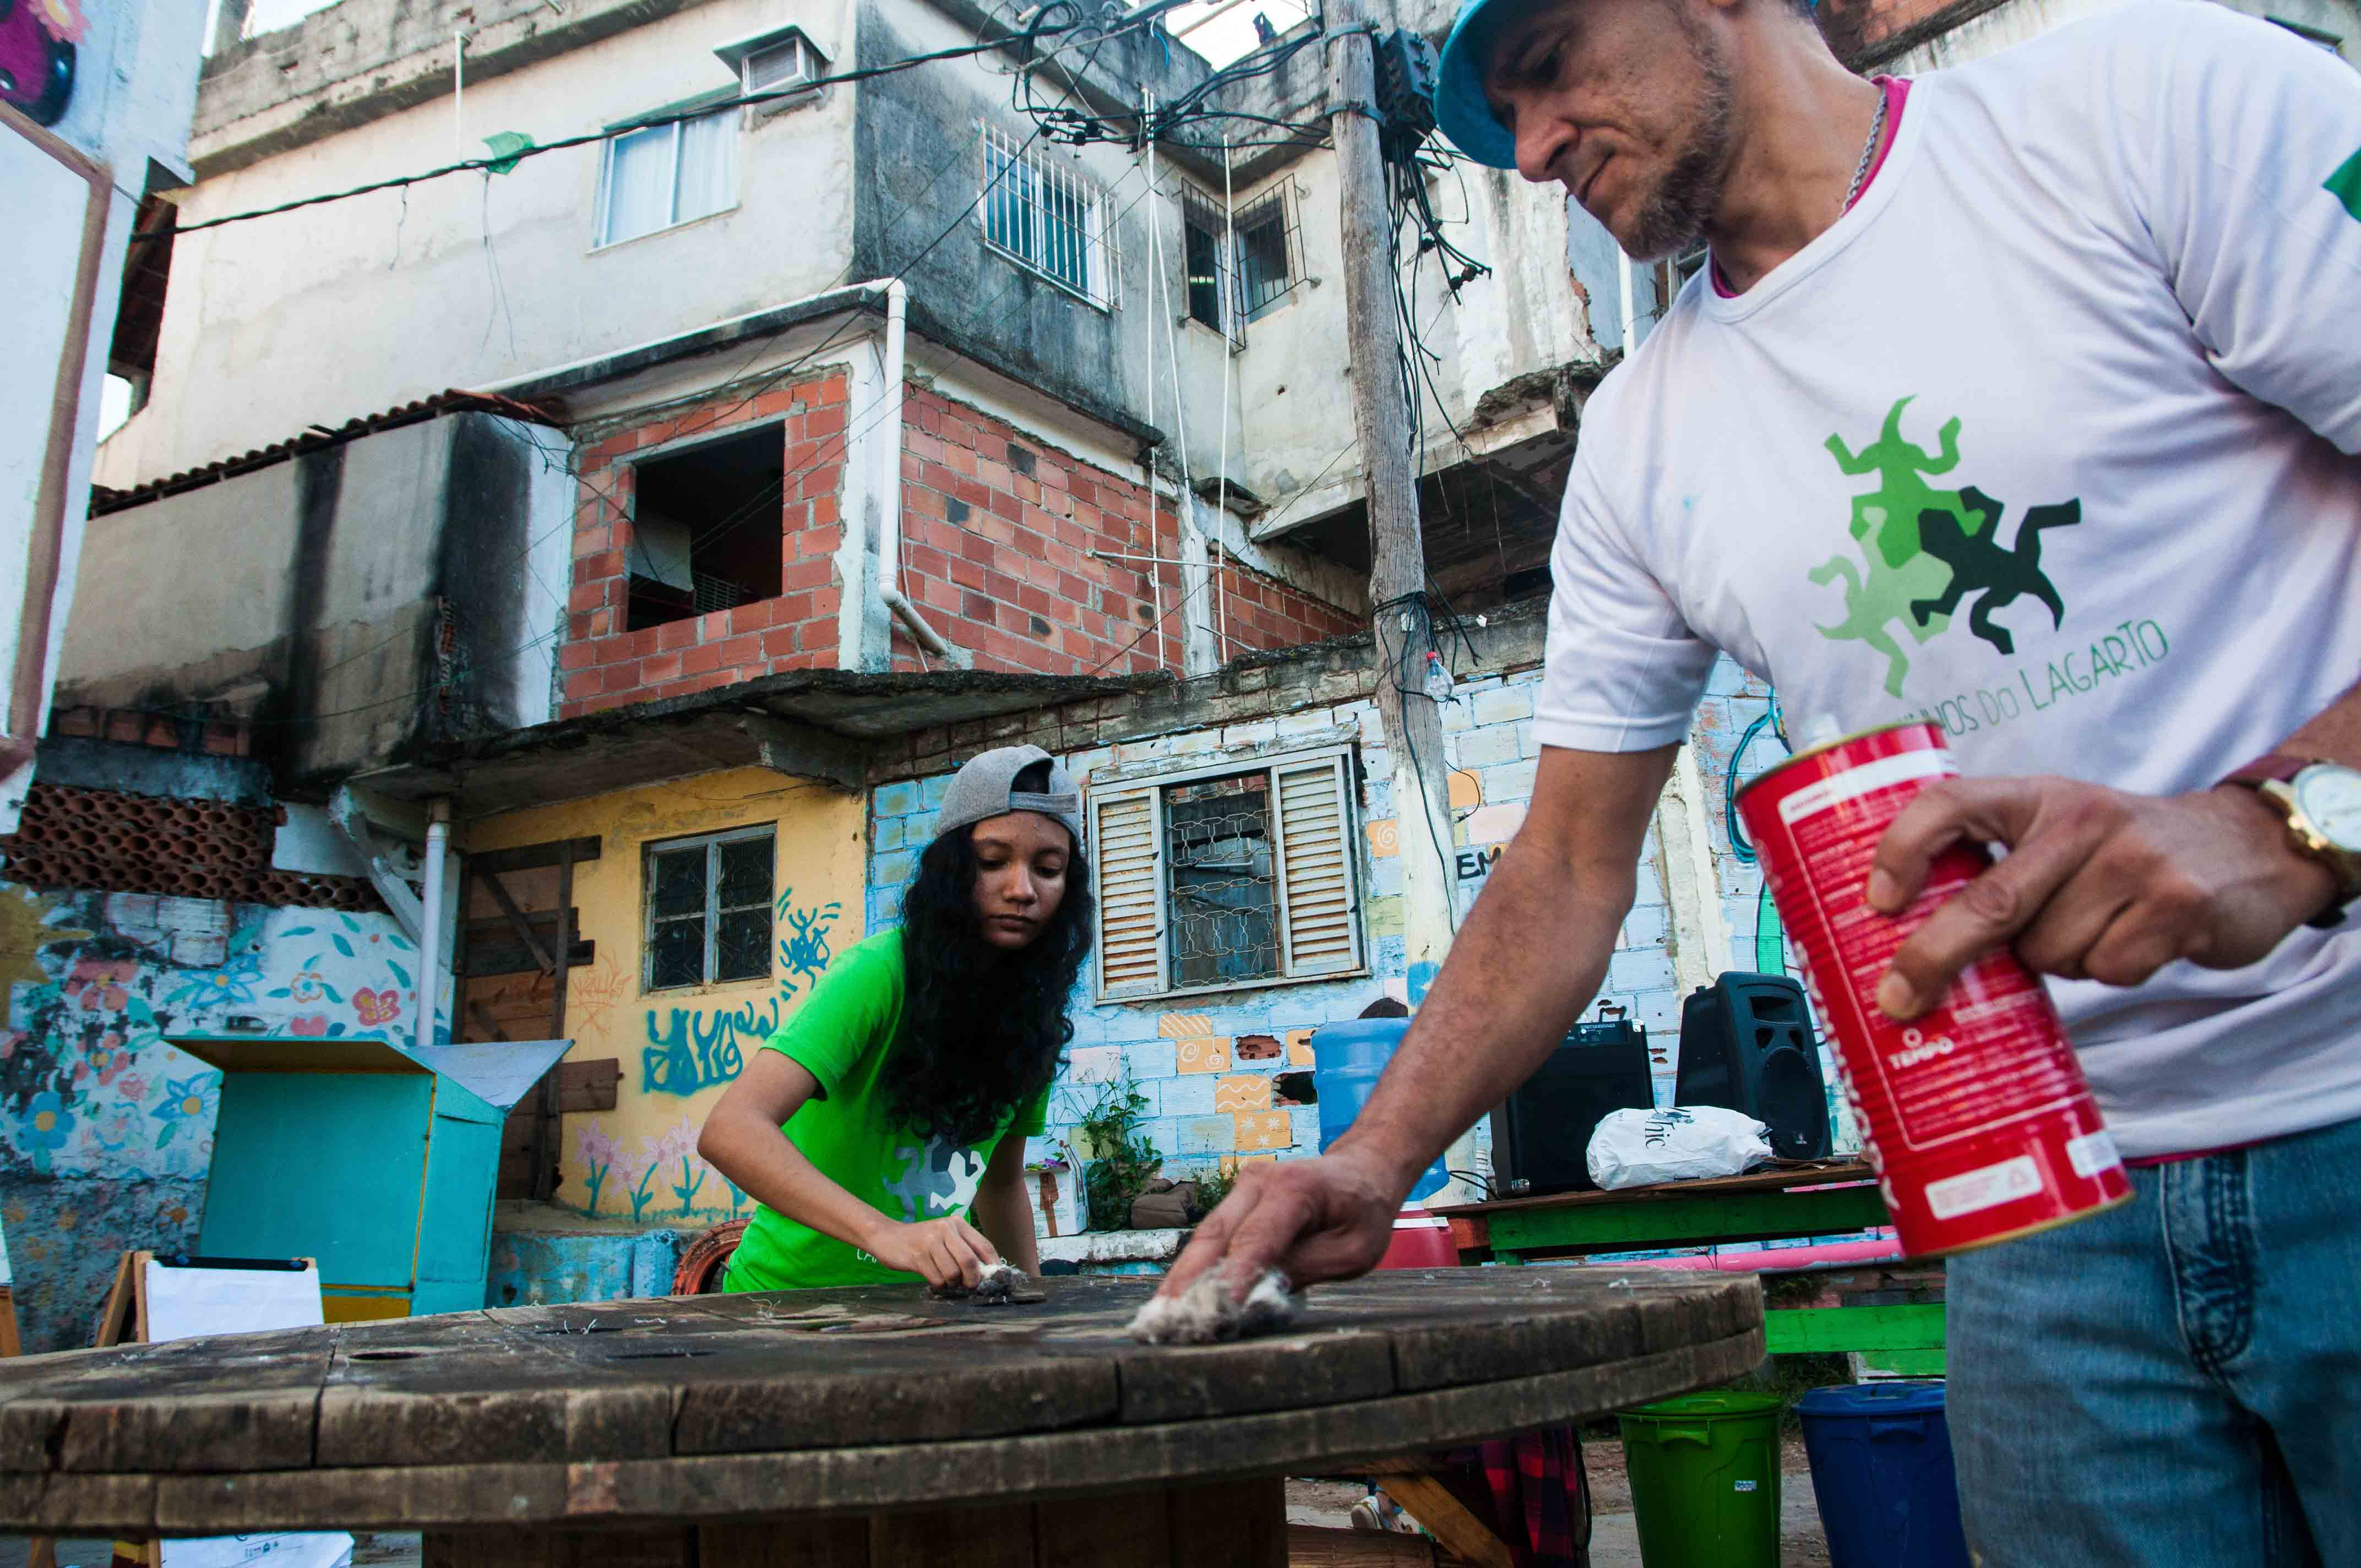 Foto: Flávio Carvalho/Faveladarocinha.com